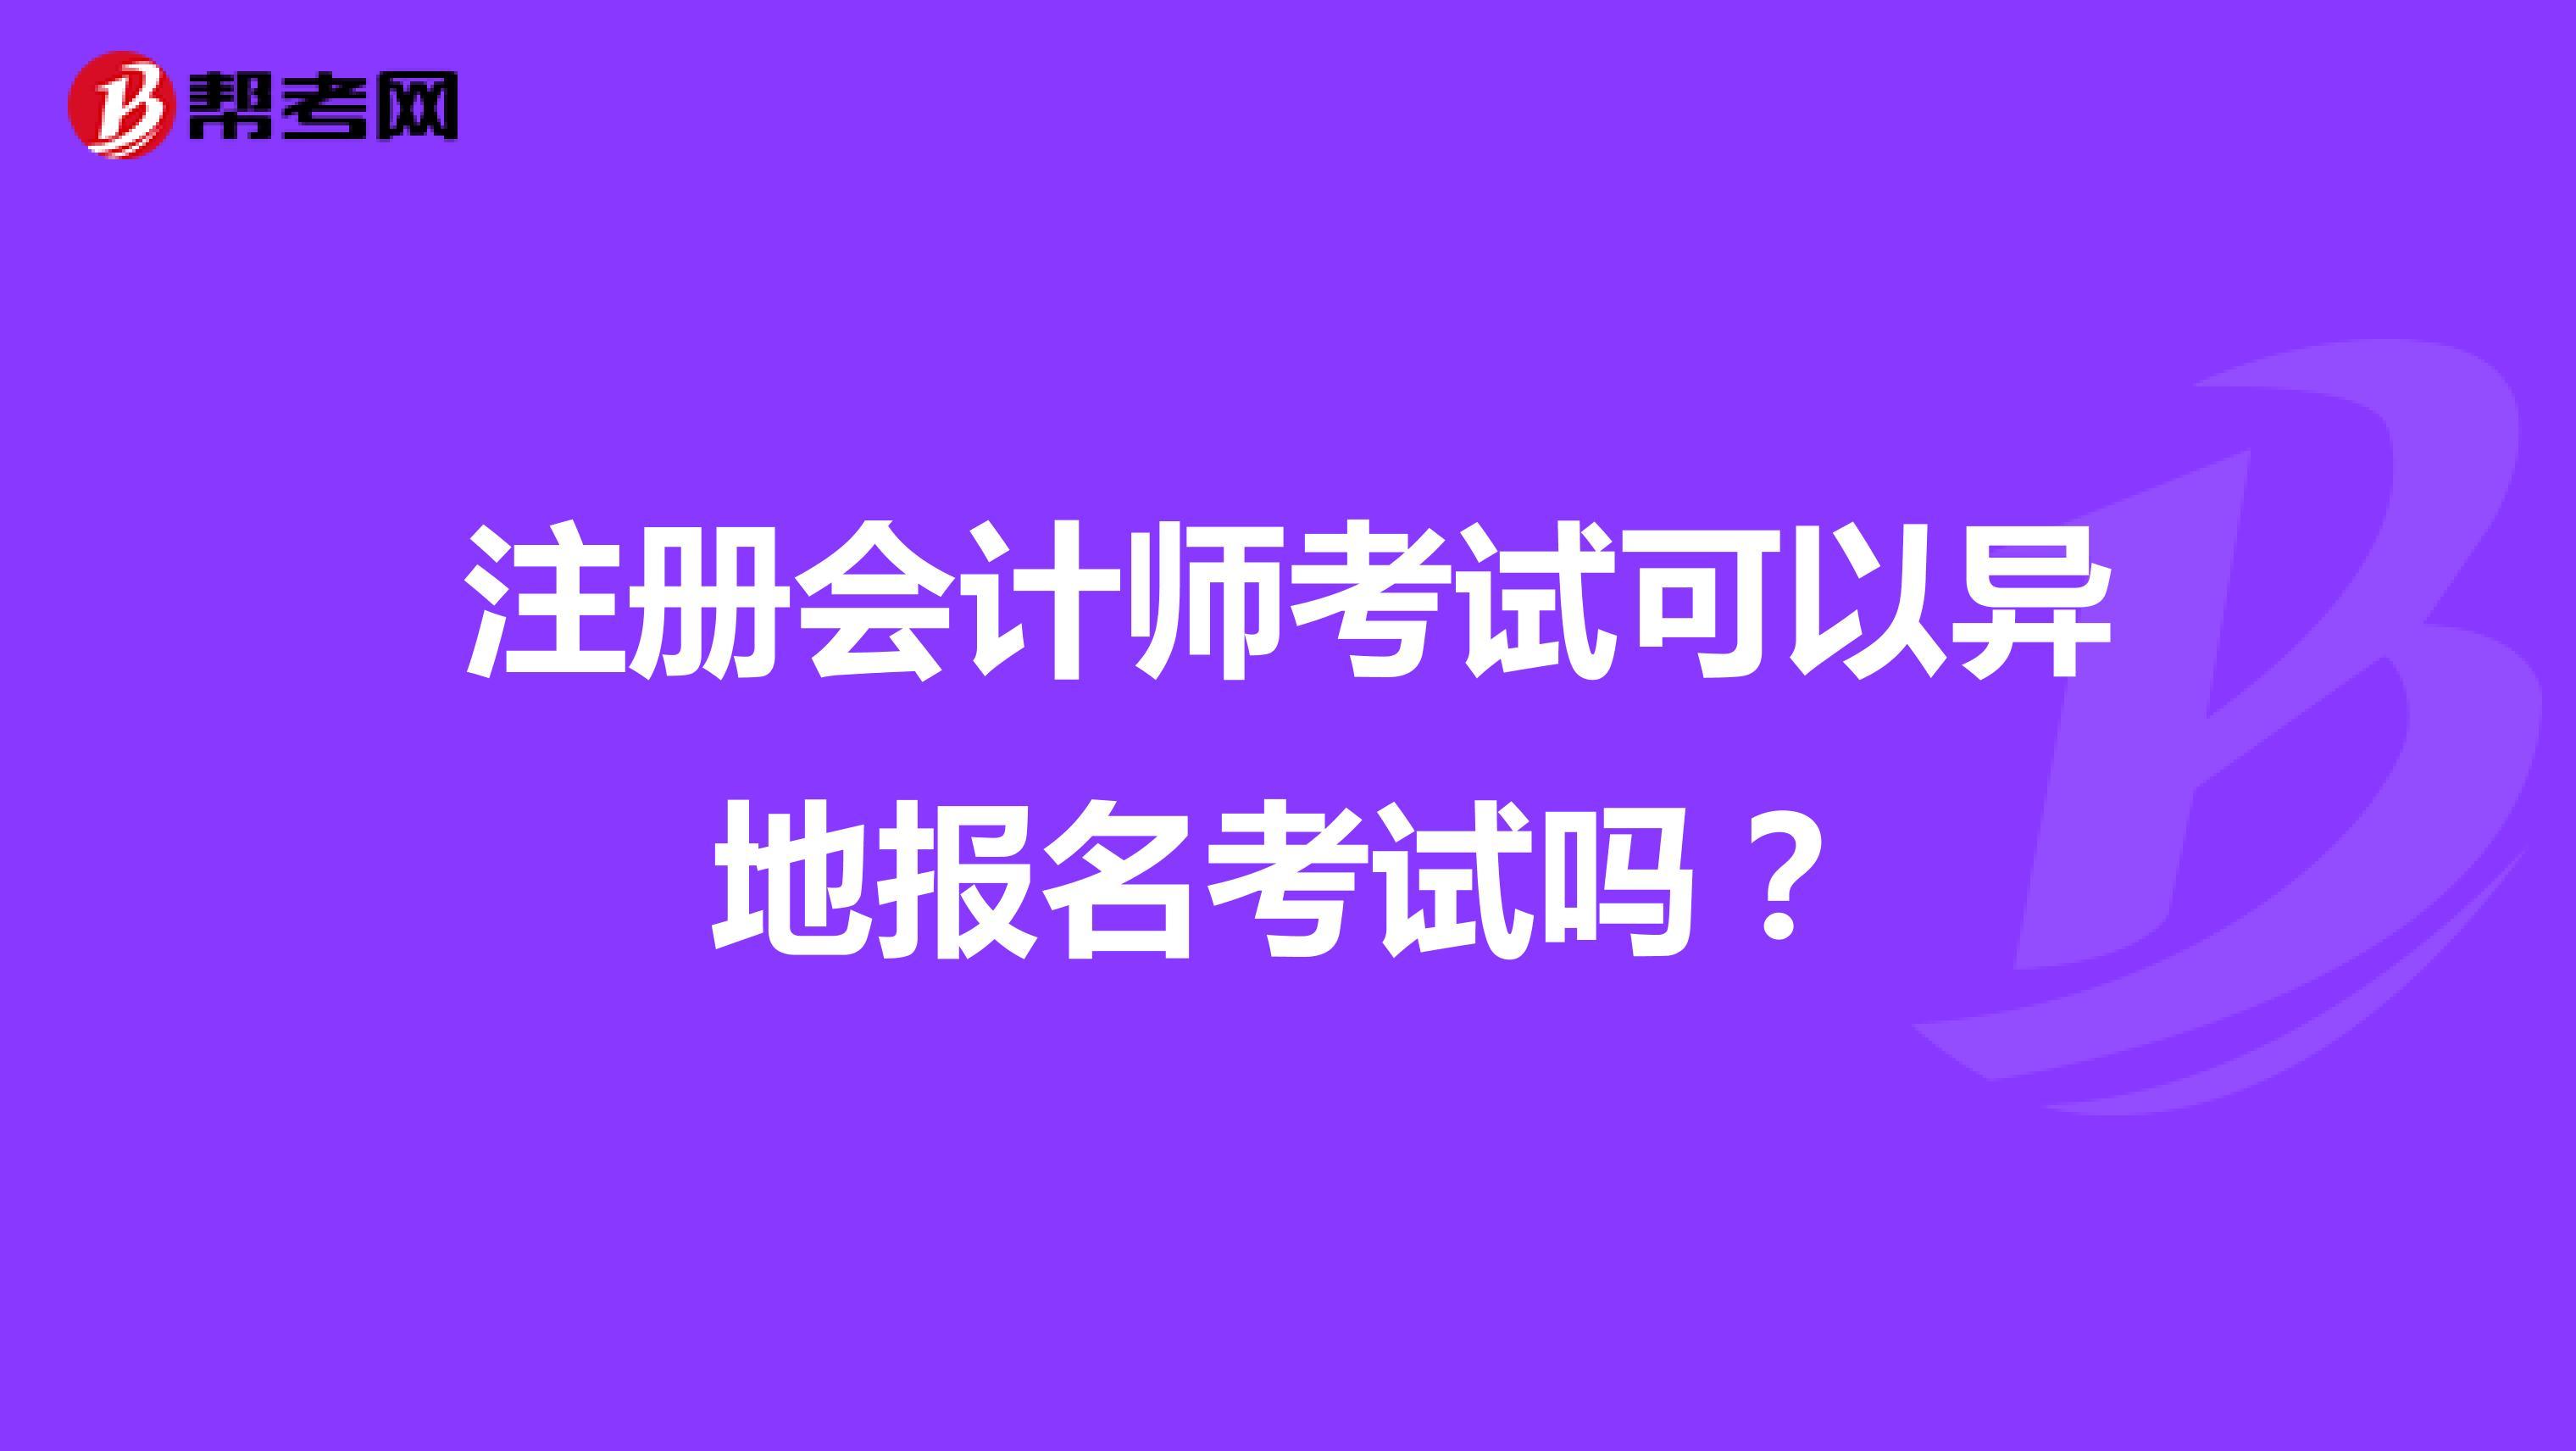 【hot88热竞技提款】注册会计师考试可以异地报名考试吗?